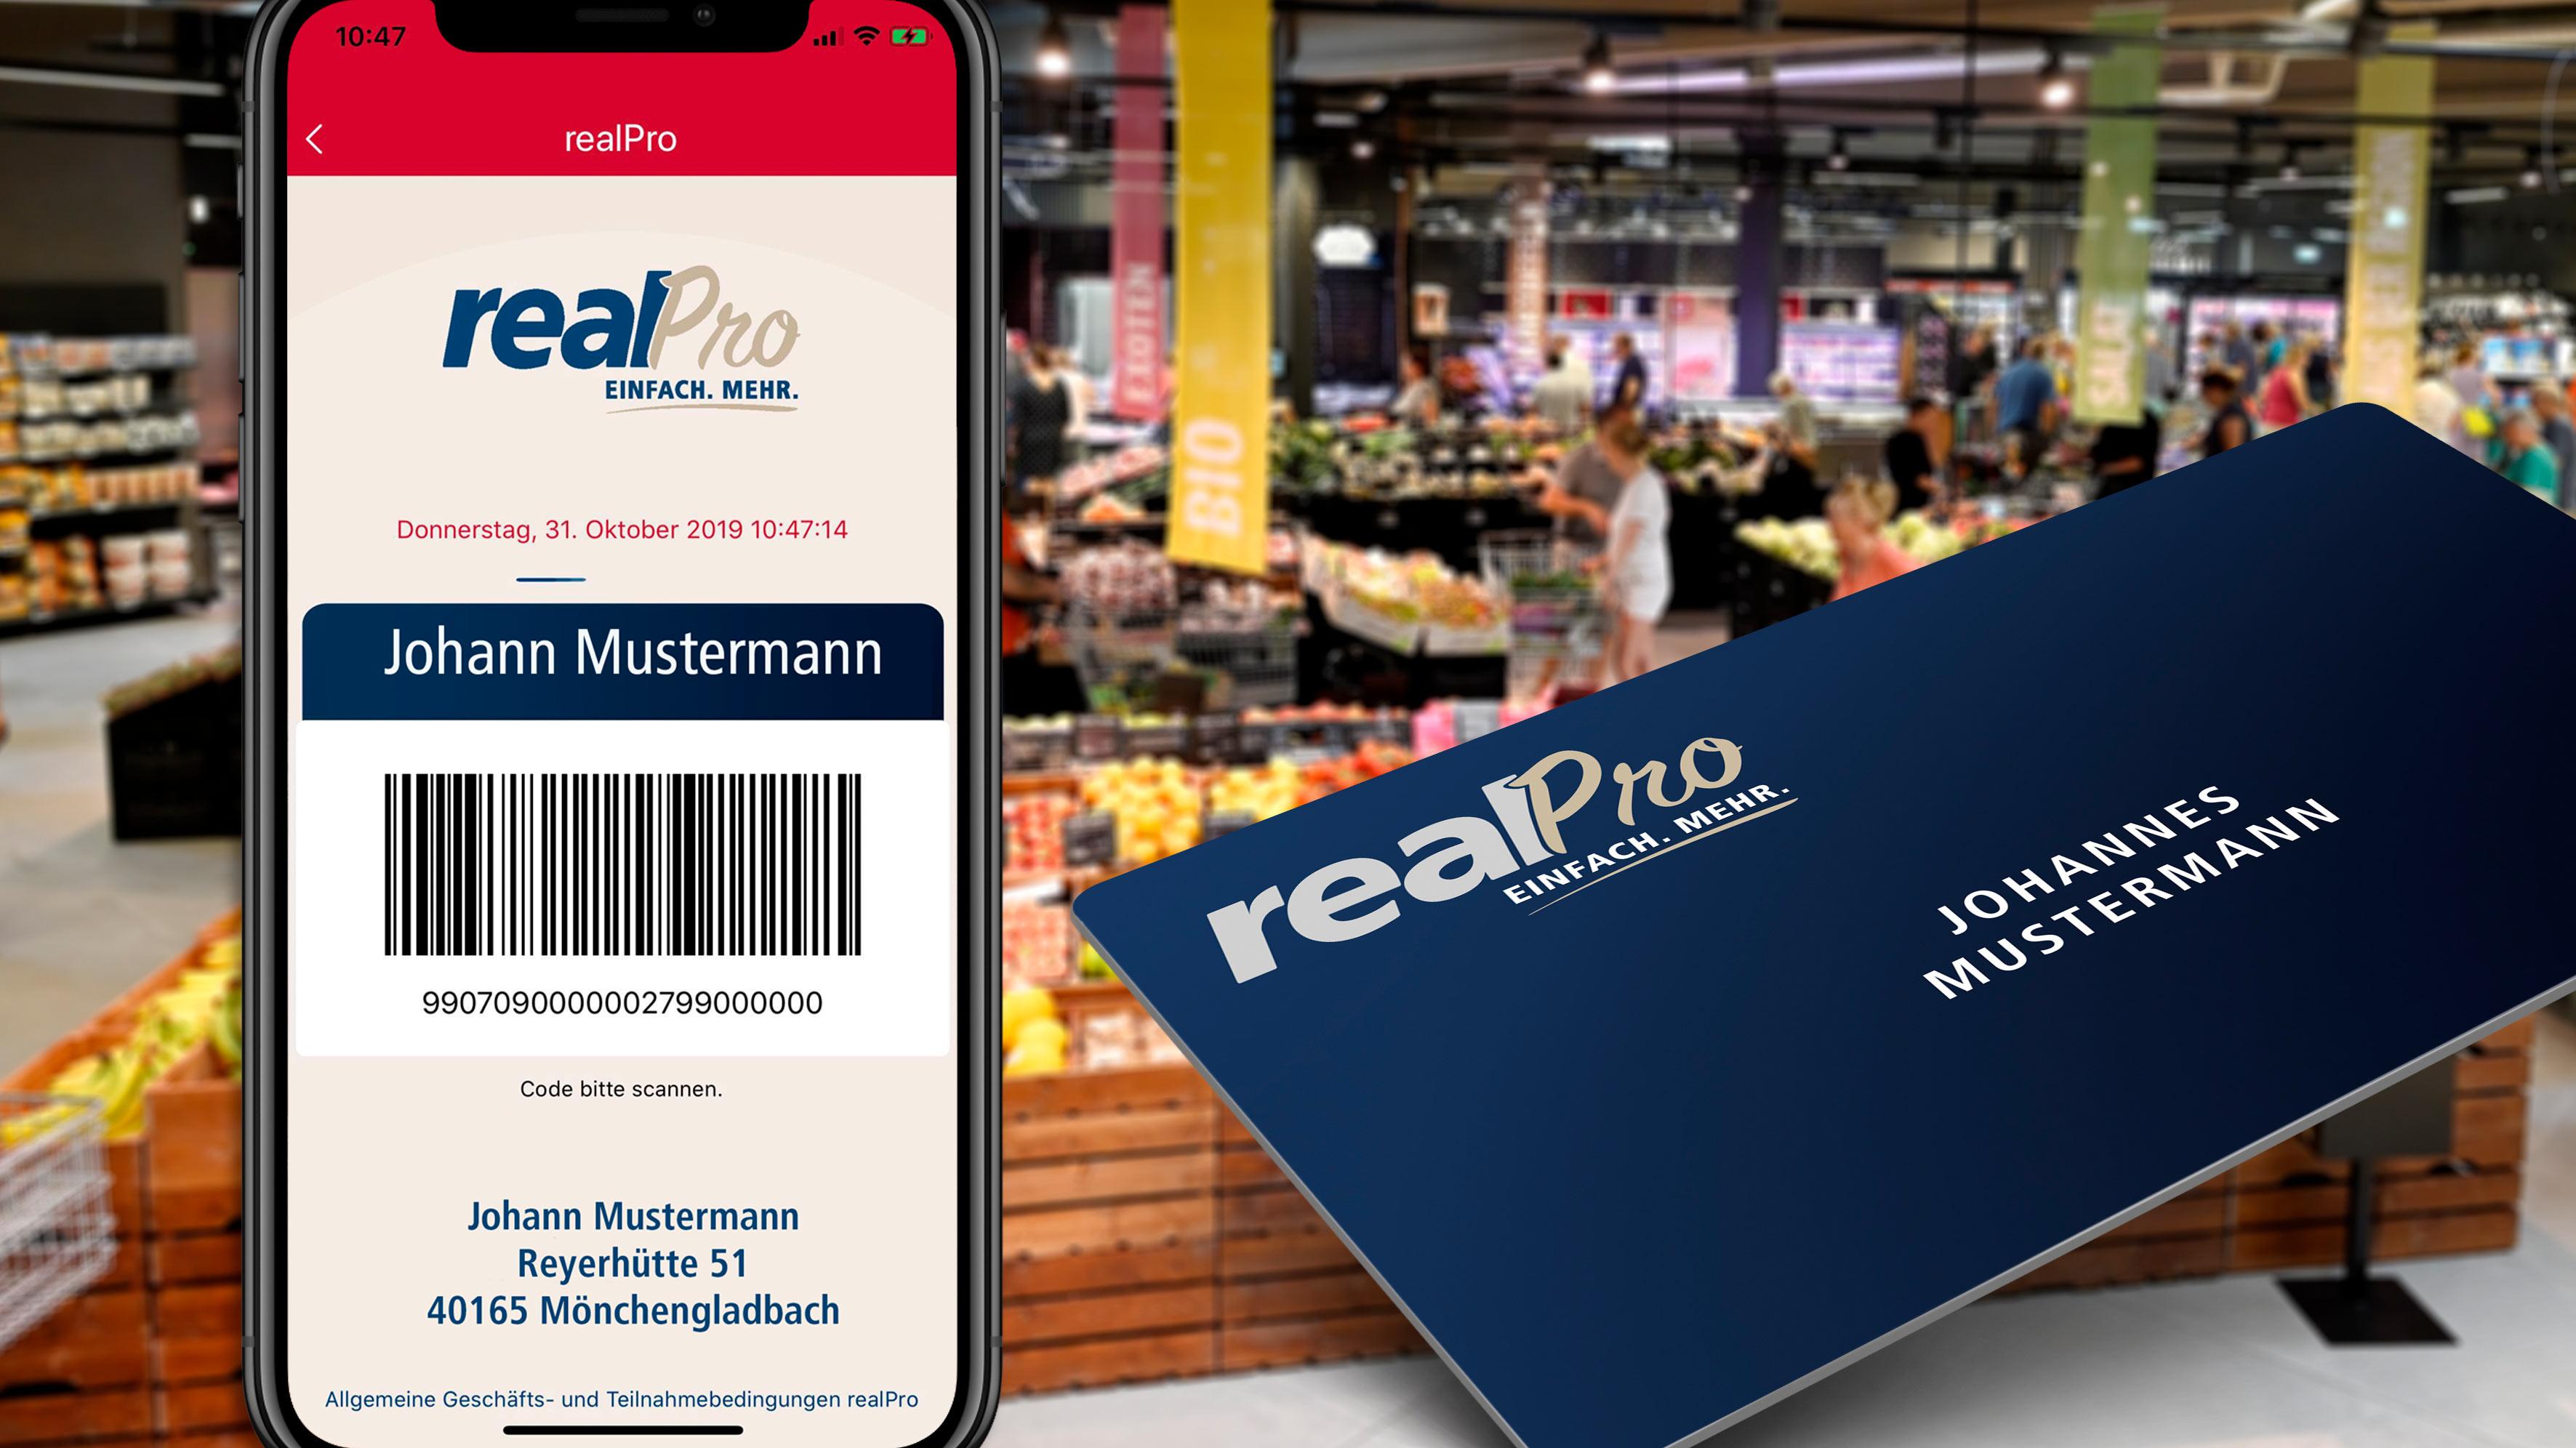 Loyalty-Programm: Realpro wird nach Test ausgerollt